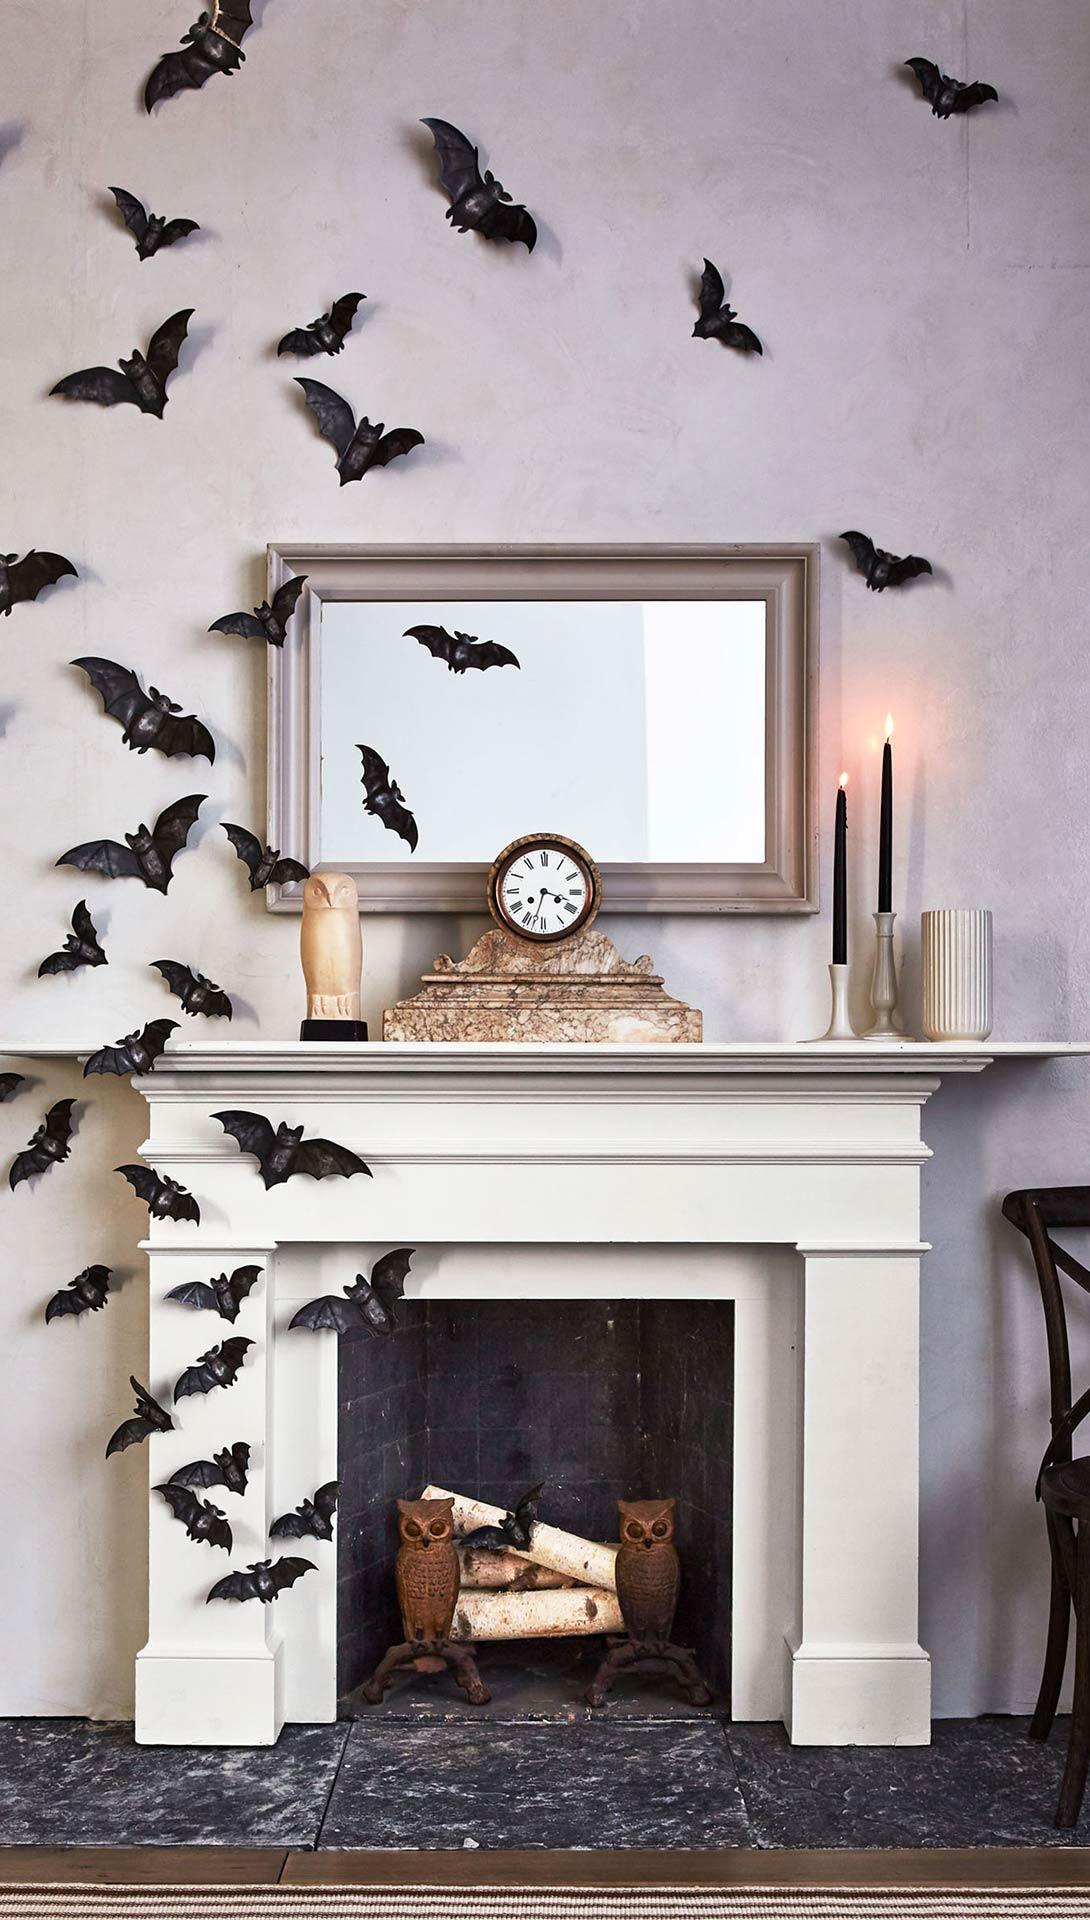 Verpasst eurem Zuhause ein Halloween-Kostüm! dekoration desmondo